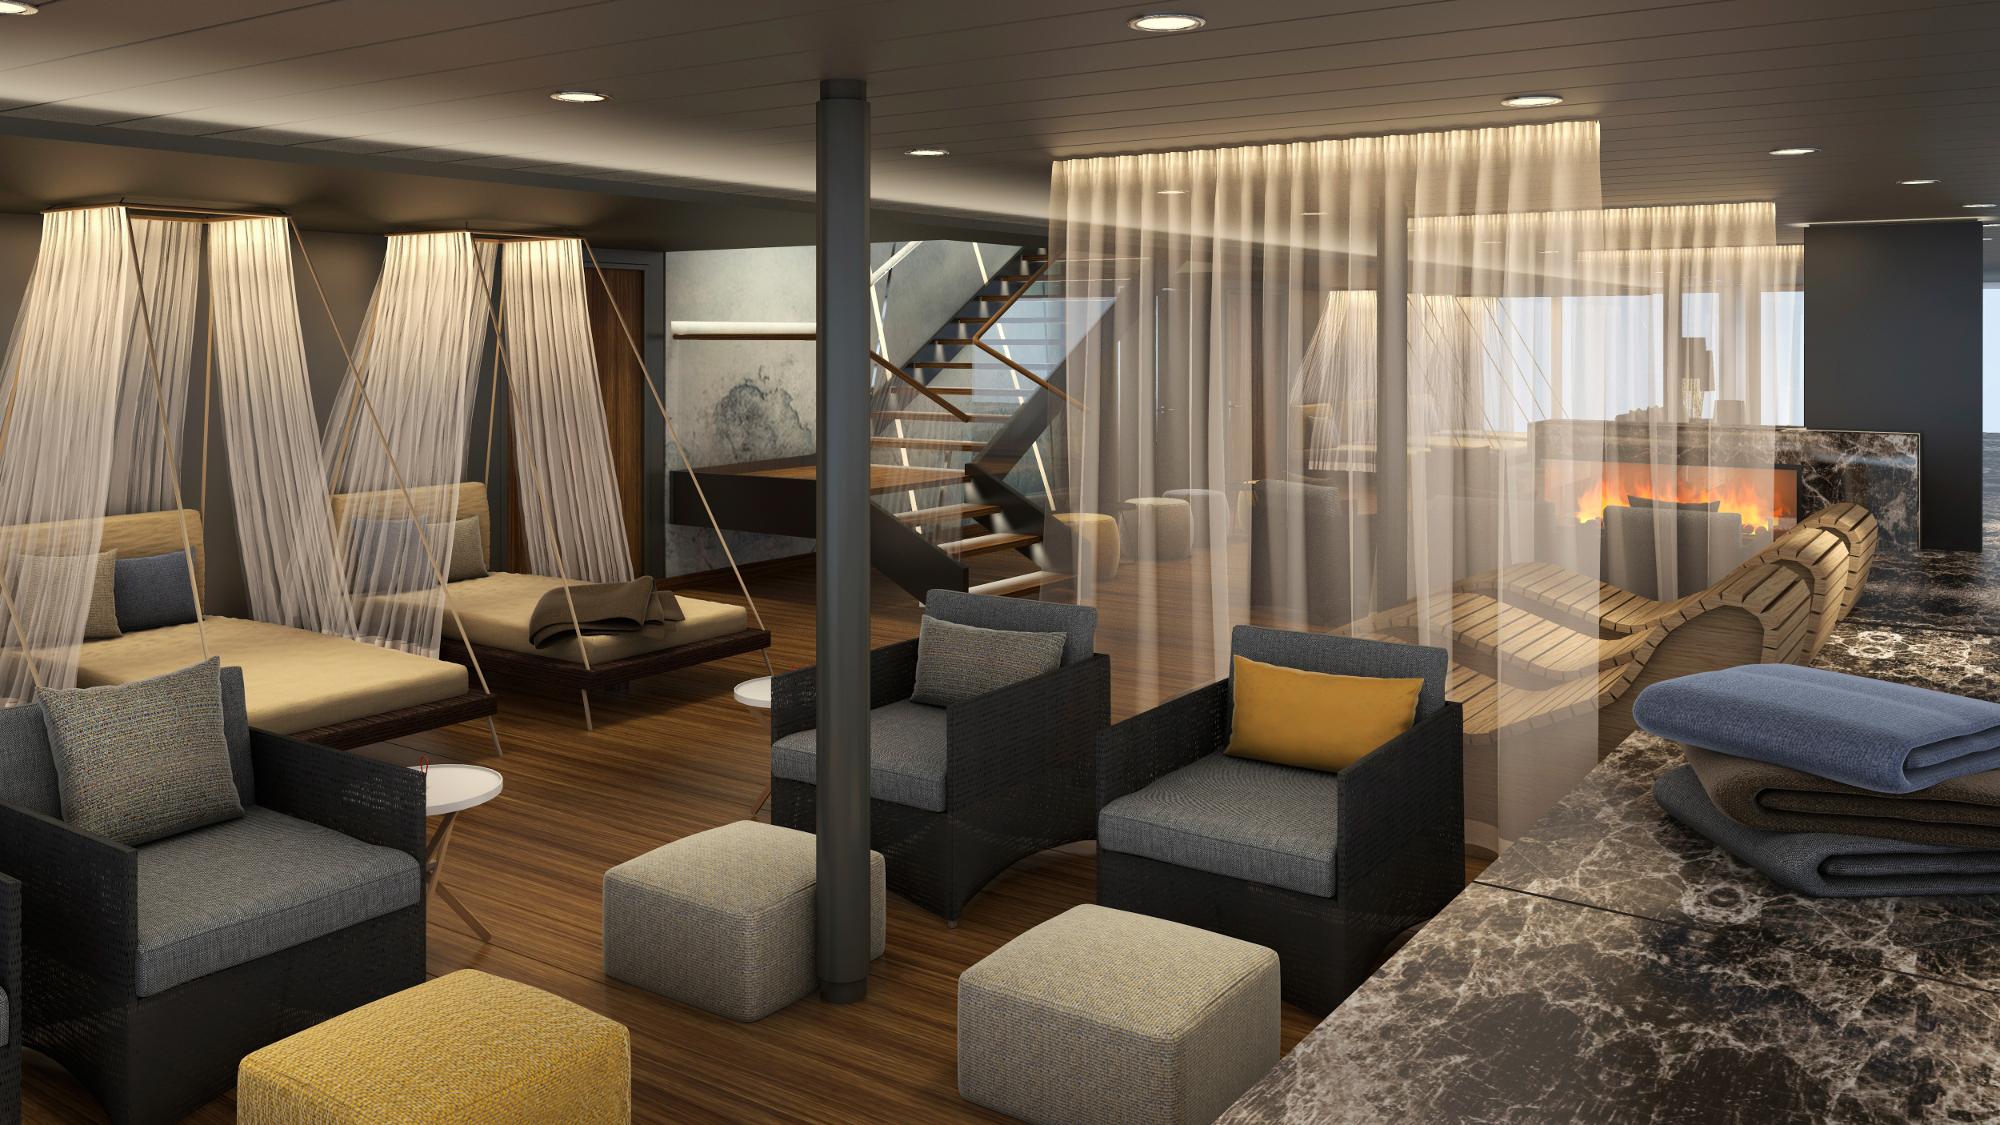 Der SPA & Meer–Ruheraum der neuen Mein Schiff 1 © Bild: TUI Cruises